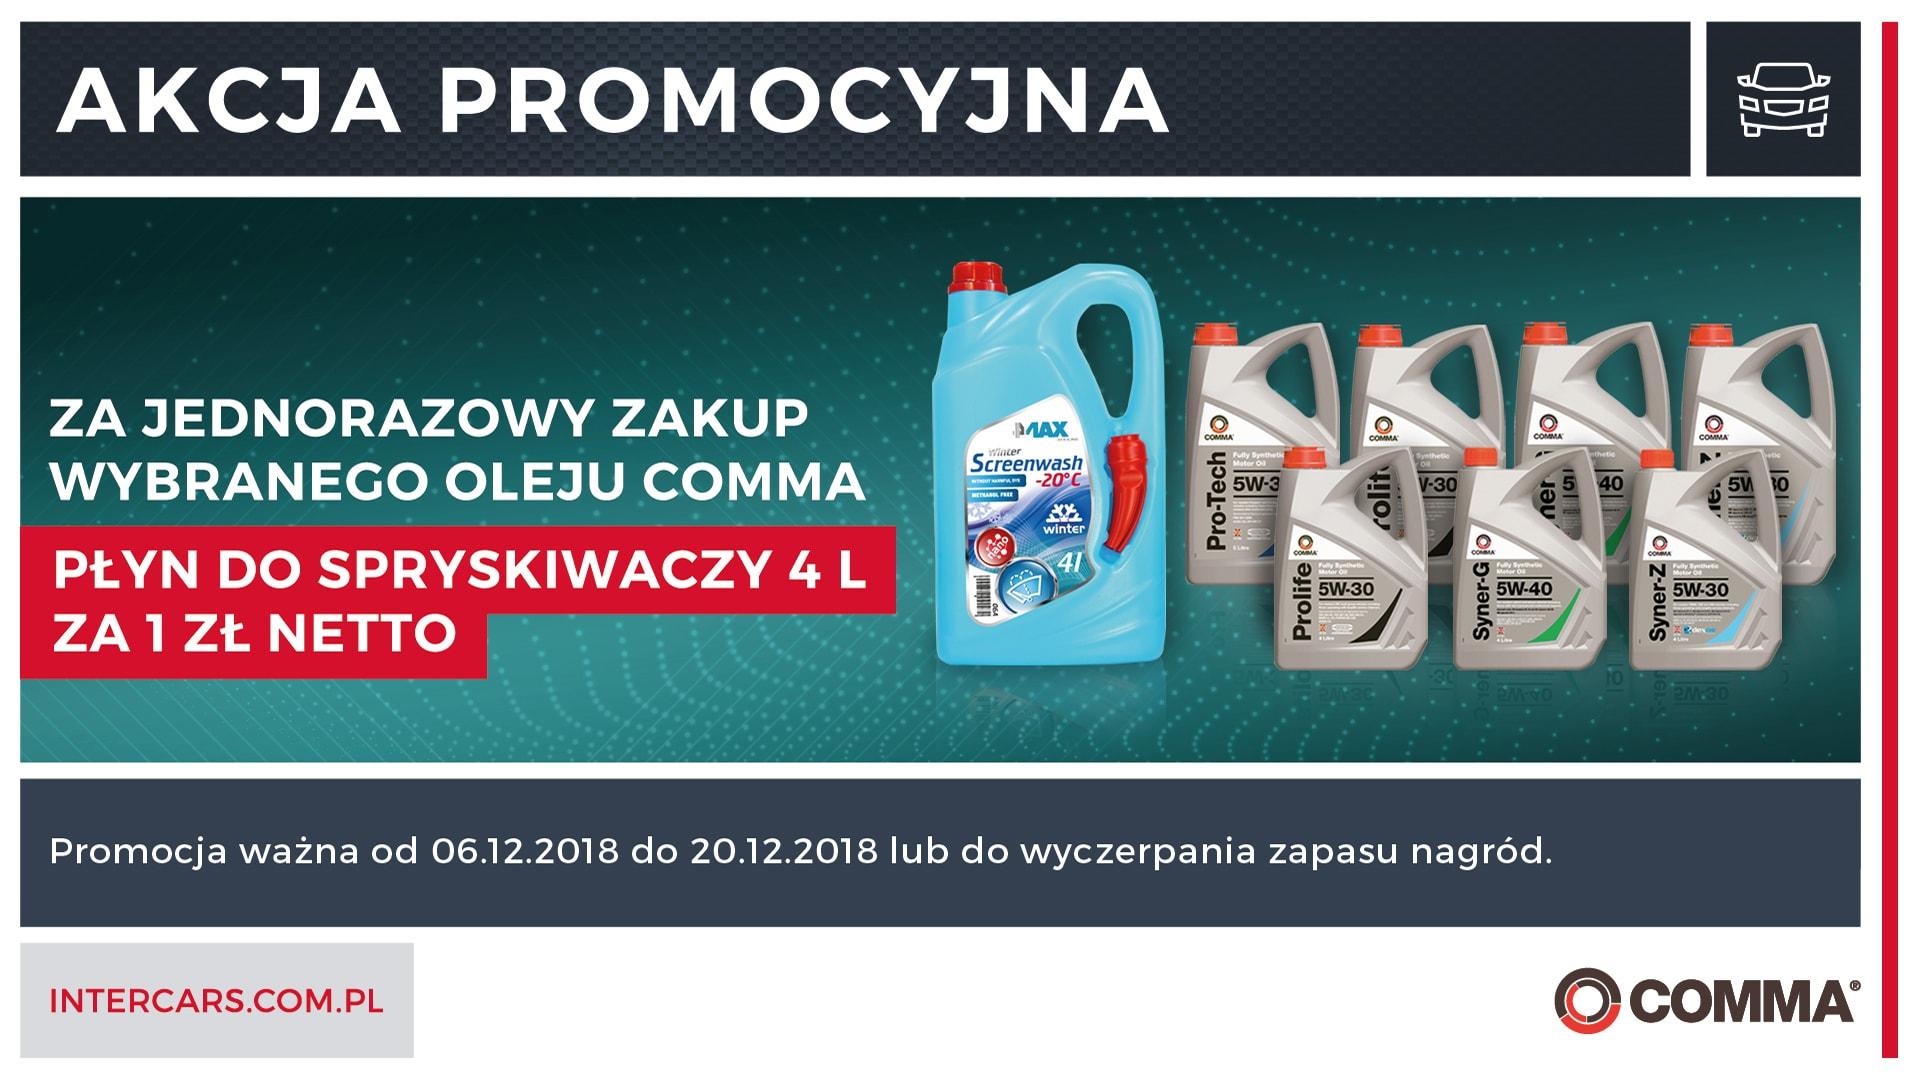 promocja_płyn_do_spryskiwaczy_4_L_za_1_zł_netto_1920x1080_newsletter.jpg